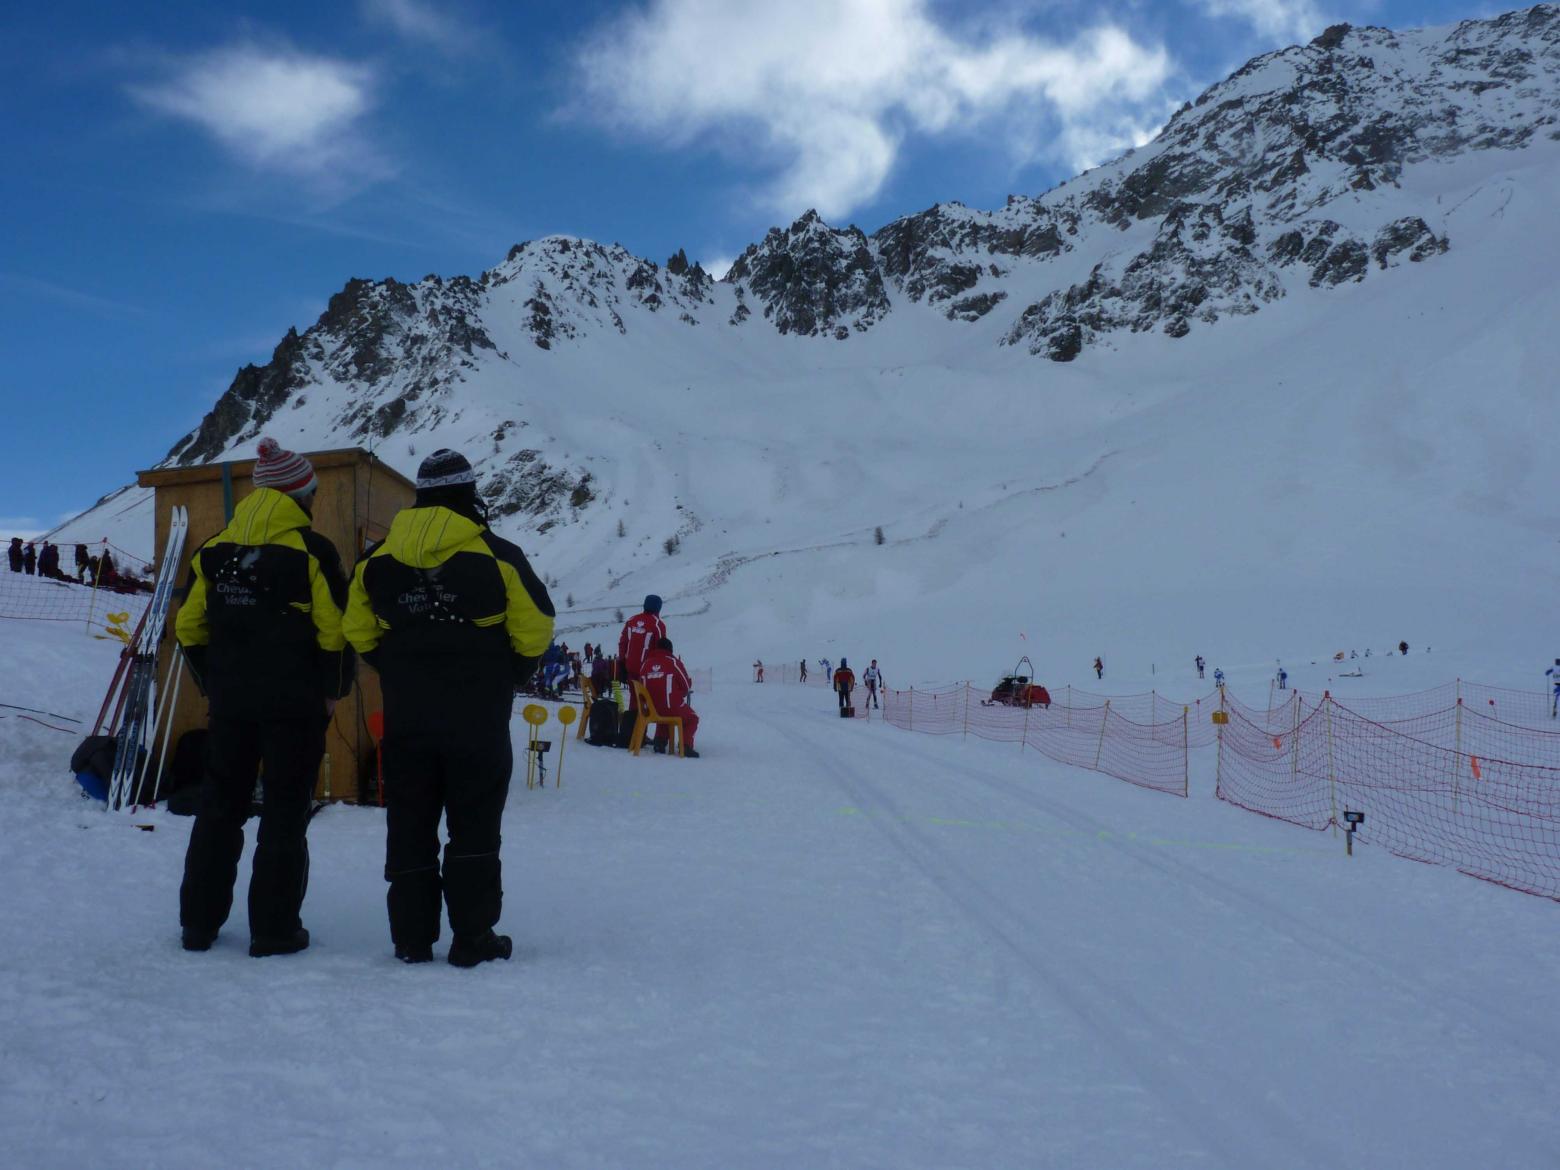 Depuis la mi décembre une piste de ski de fond est damée régulièrement par les équipes de Serre Chevalier. © H-Quellier -Parc national des Ecrins